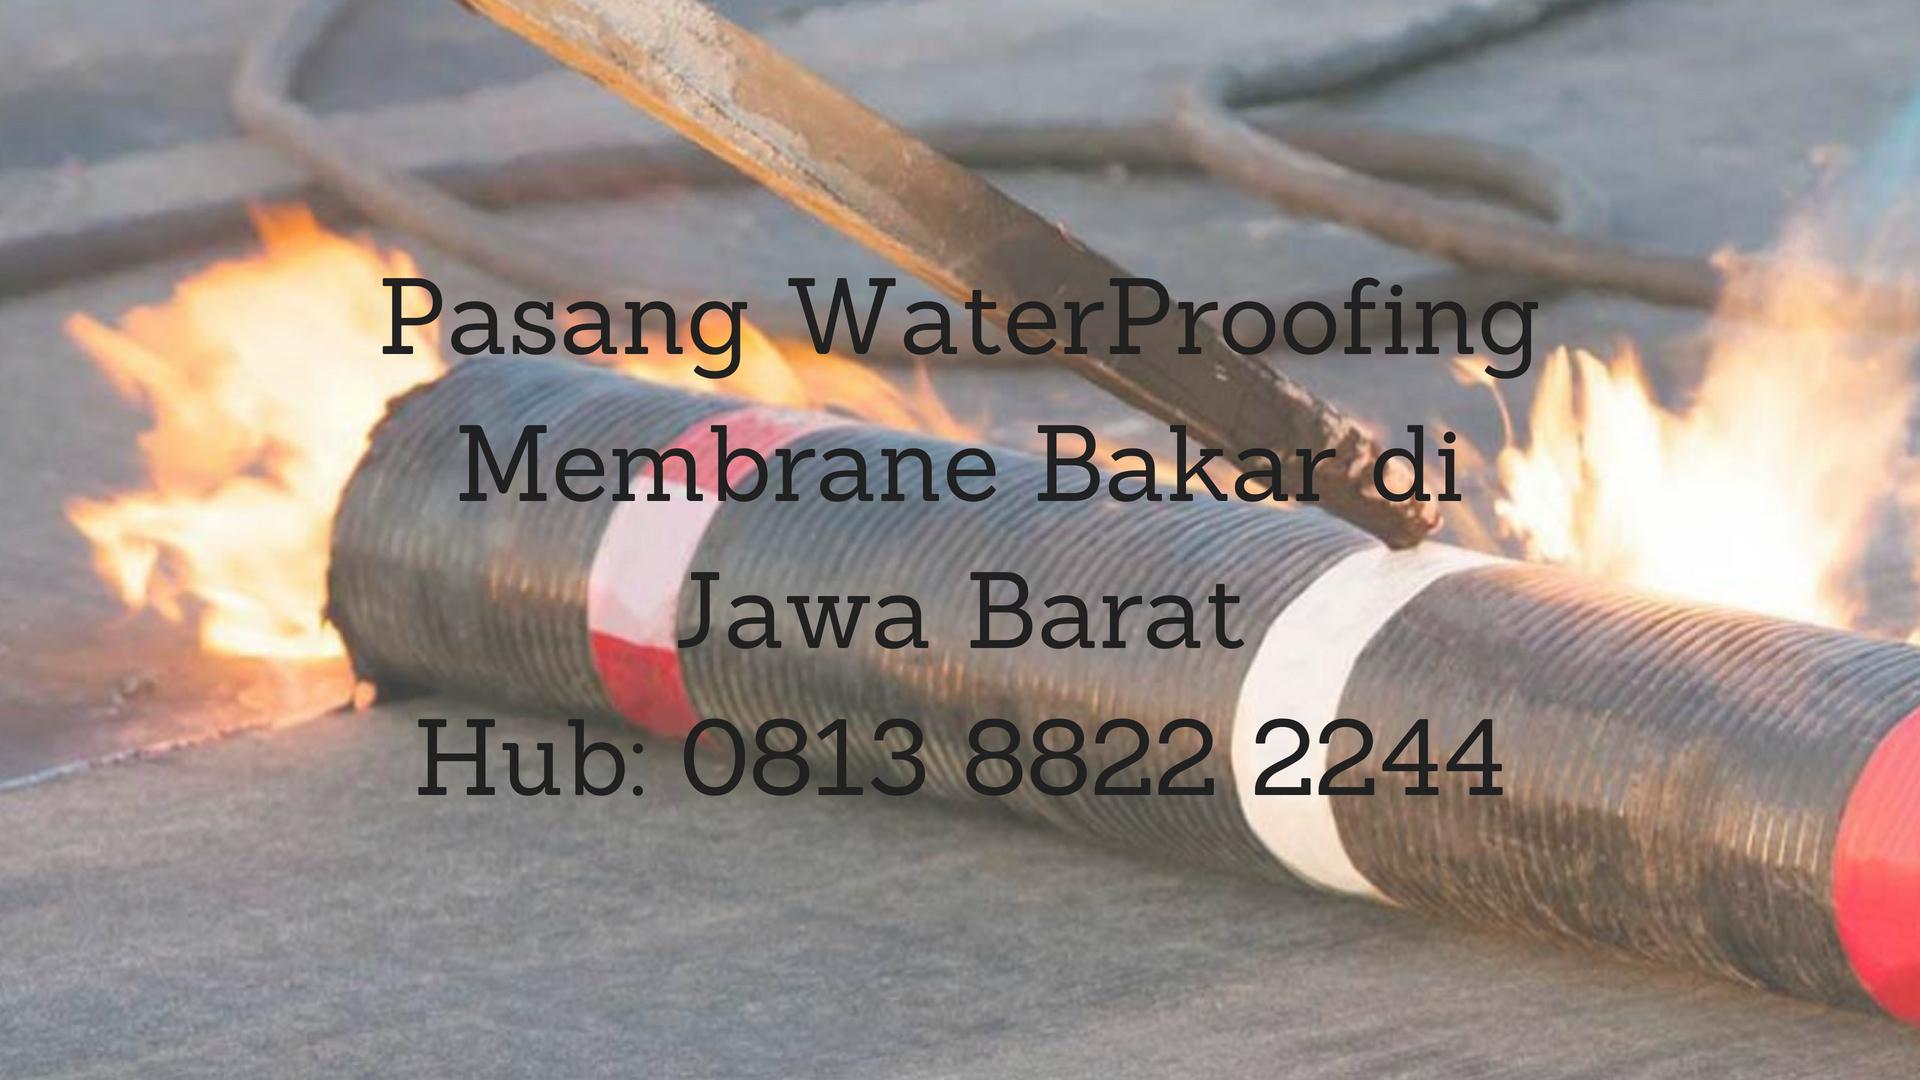 JASA PASANG WATERPROFING MEMBRANE BAKAR DI JAWA BARAT. HUB: 0813 8822 2244